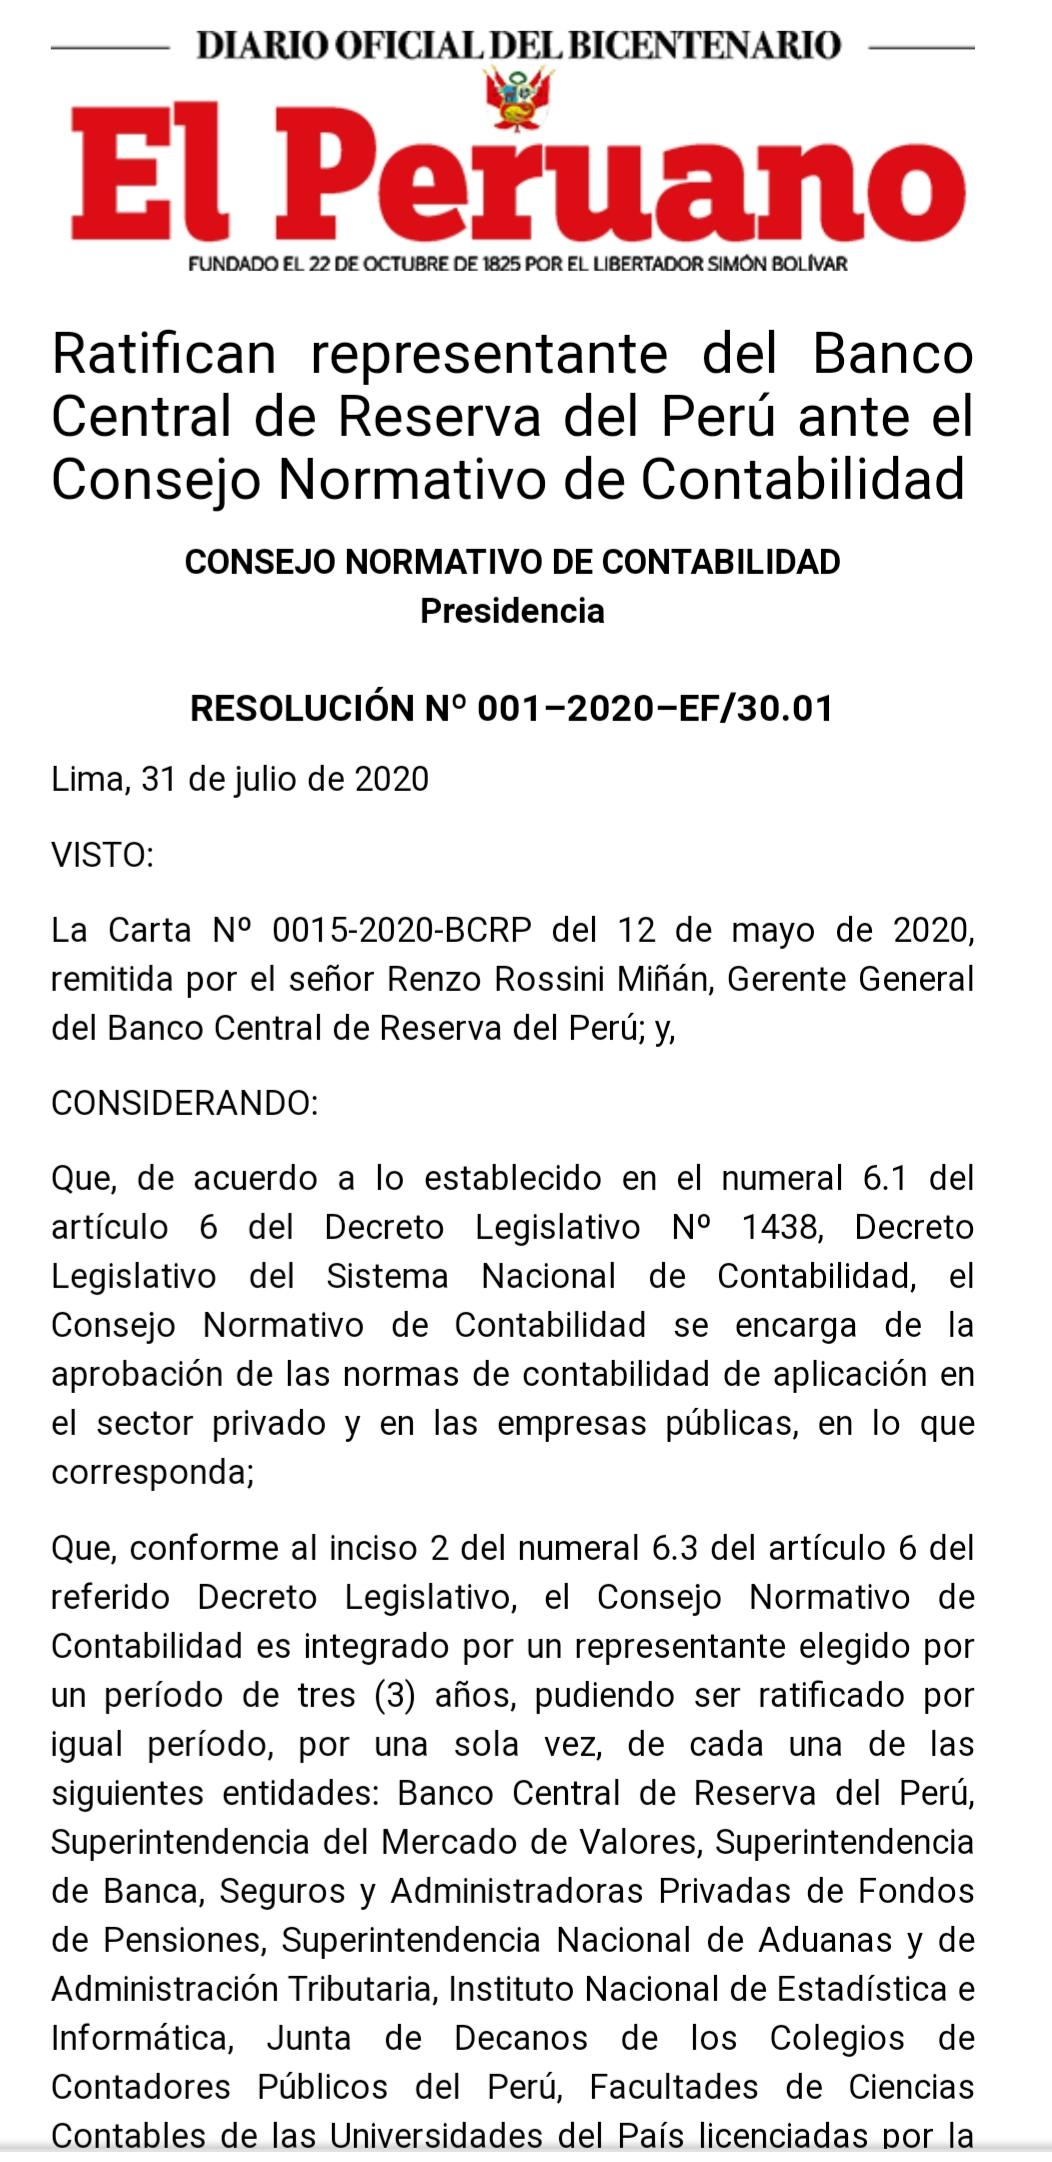 Ratifican representante del Banco Central de Reserva del Perú ante el Consejo Normativo de Contabilidad